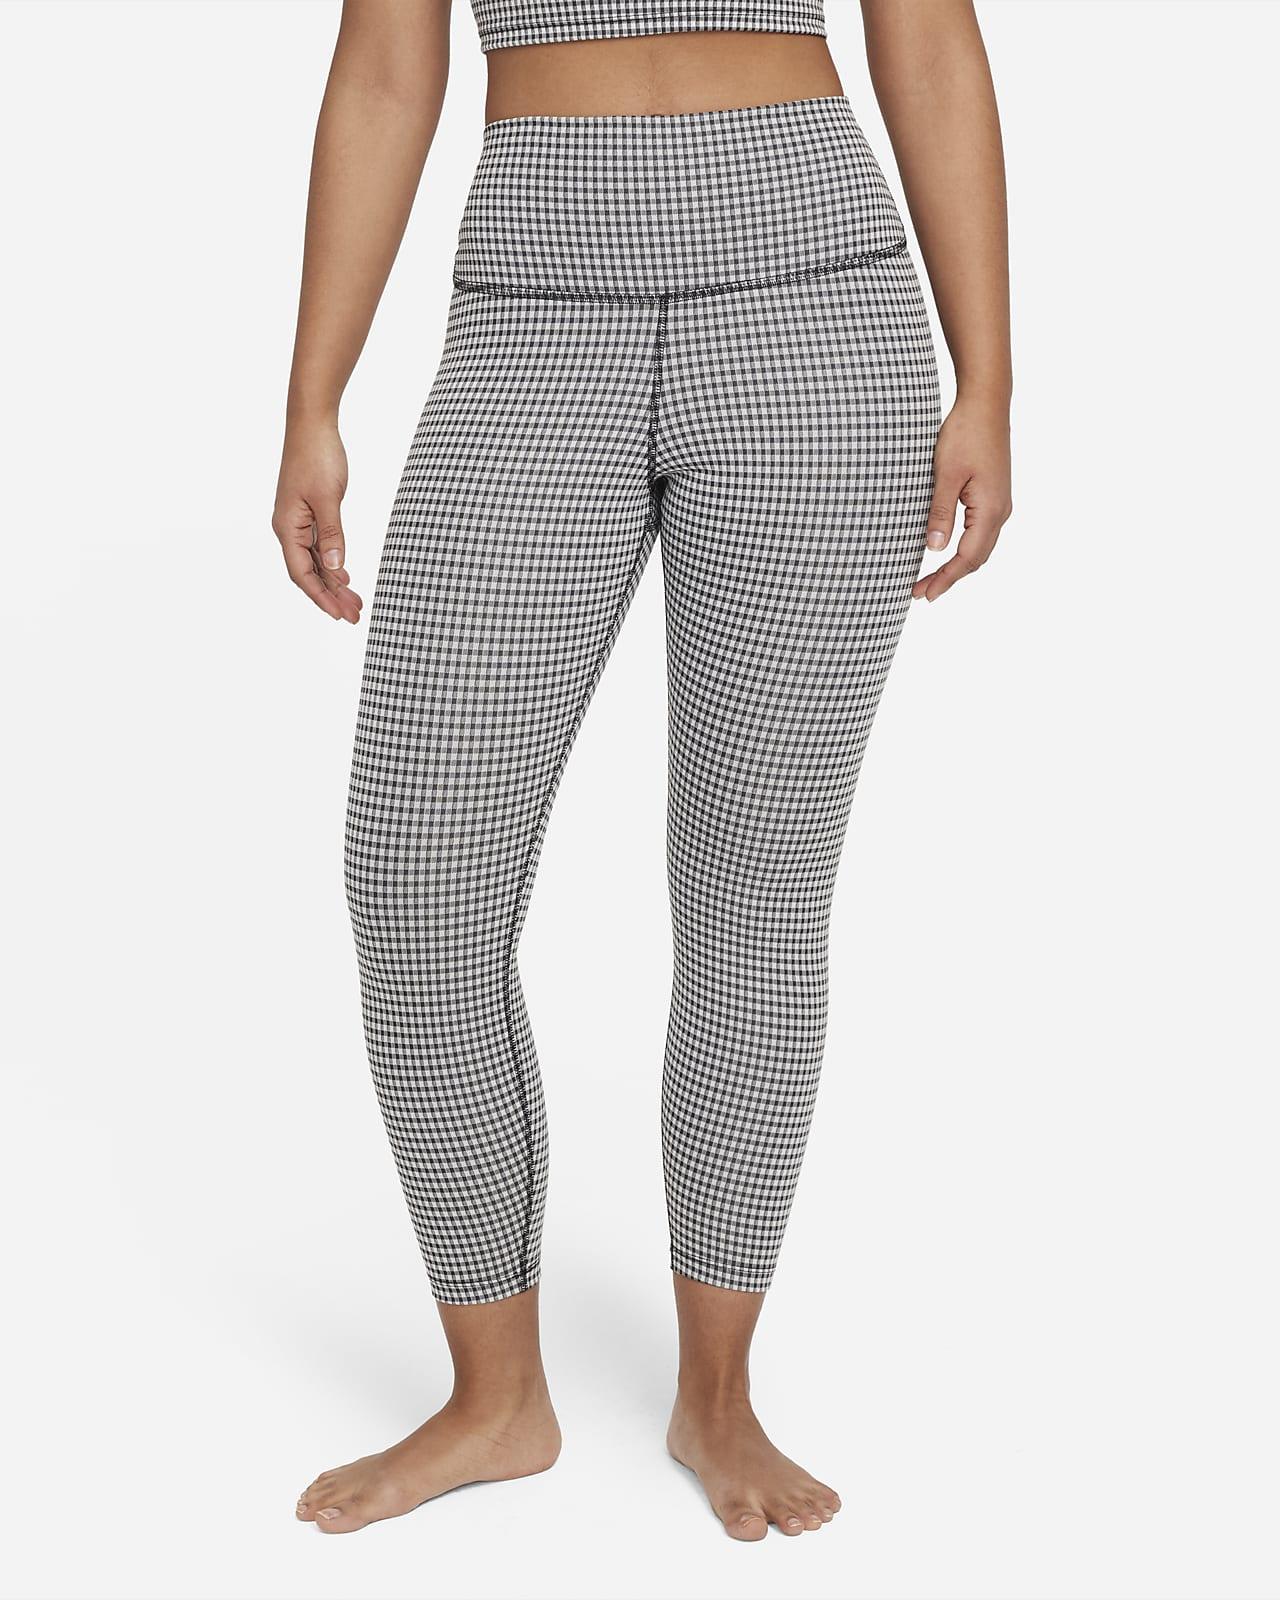 Leggings de algodón de cintura alta con cuadros -Vichy para mujer Nike Yoga